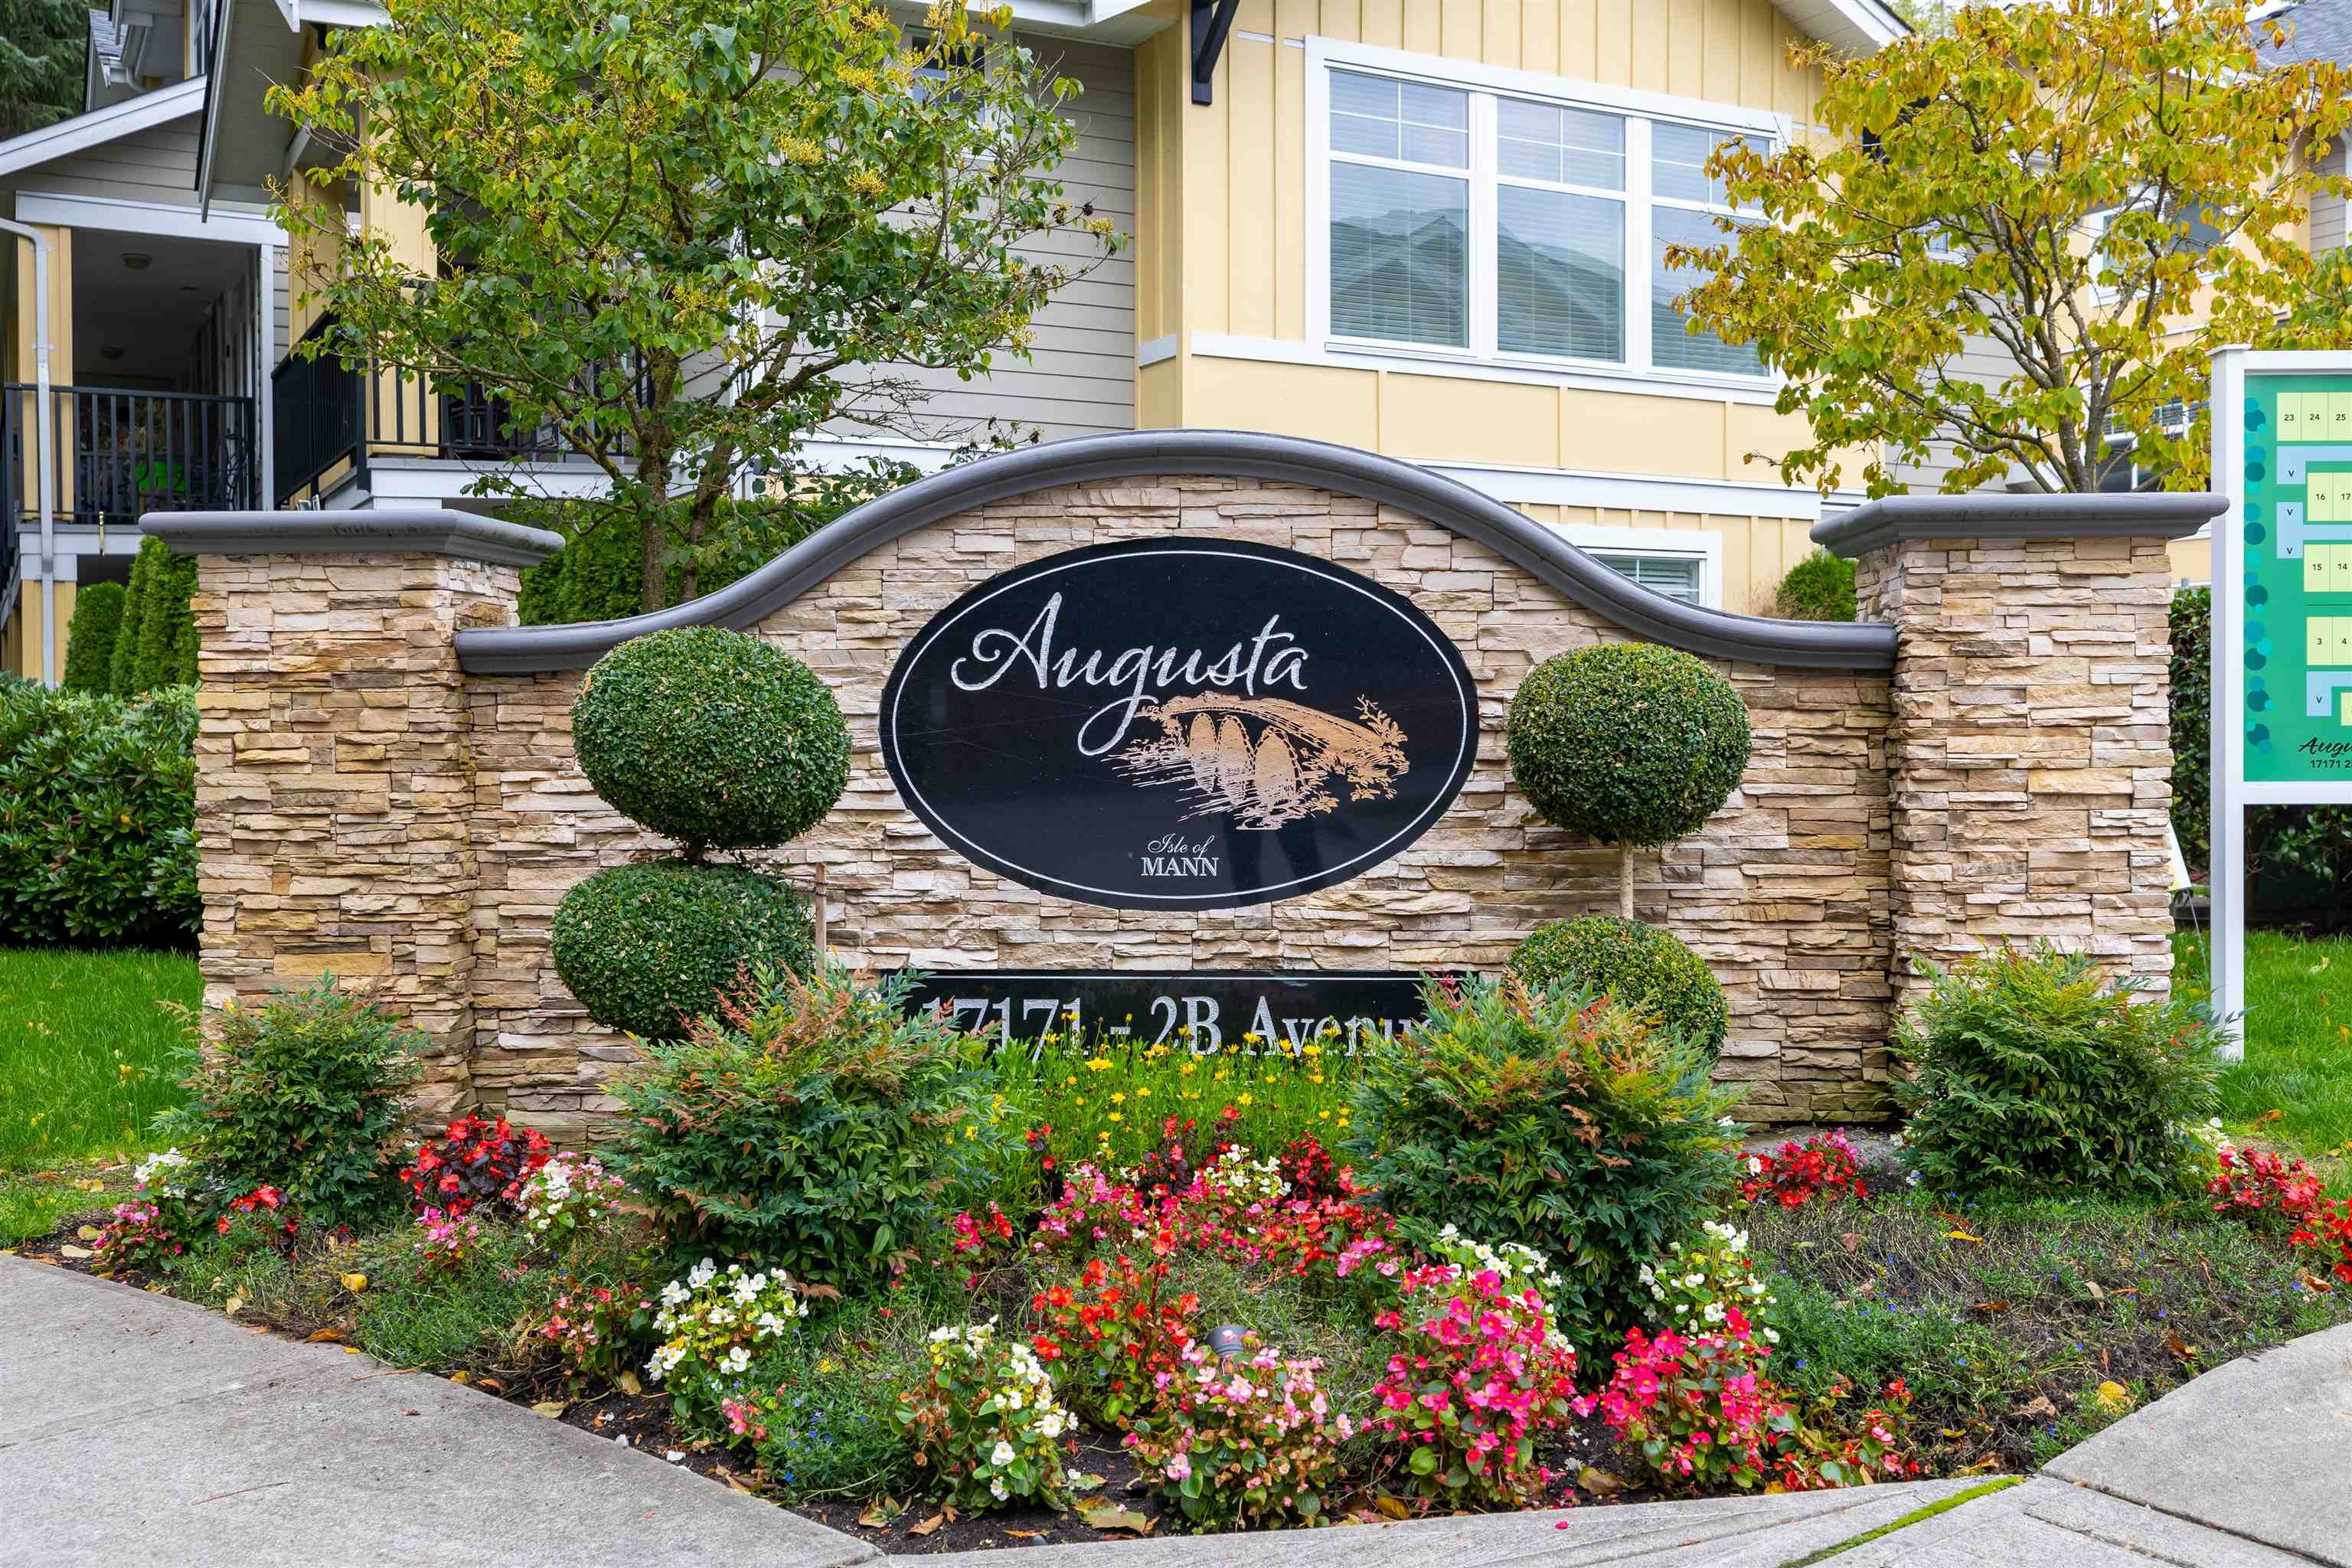 29 17171 2B AVENUE - Pacific Douglas Townhouse for sale, 3 Bedrooms (R2625037) - #40